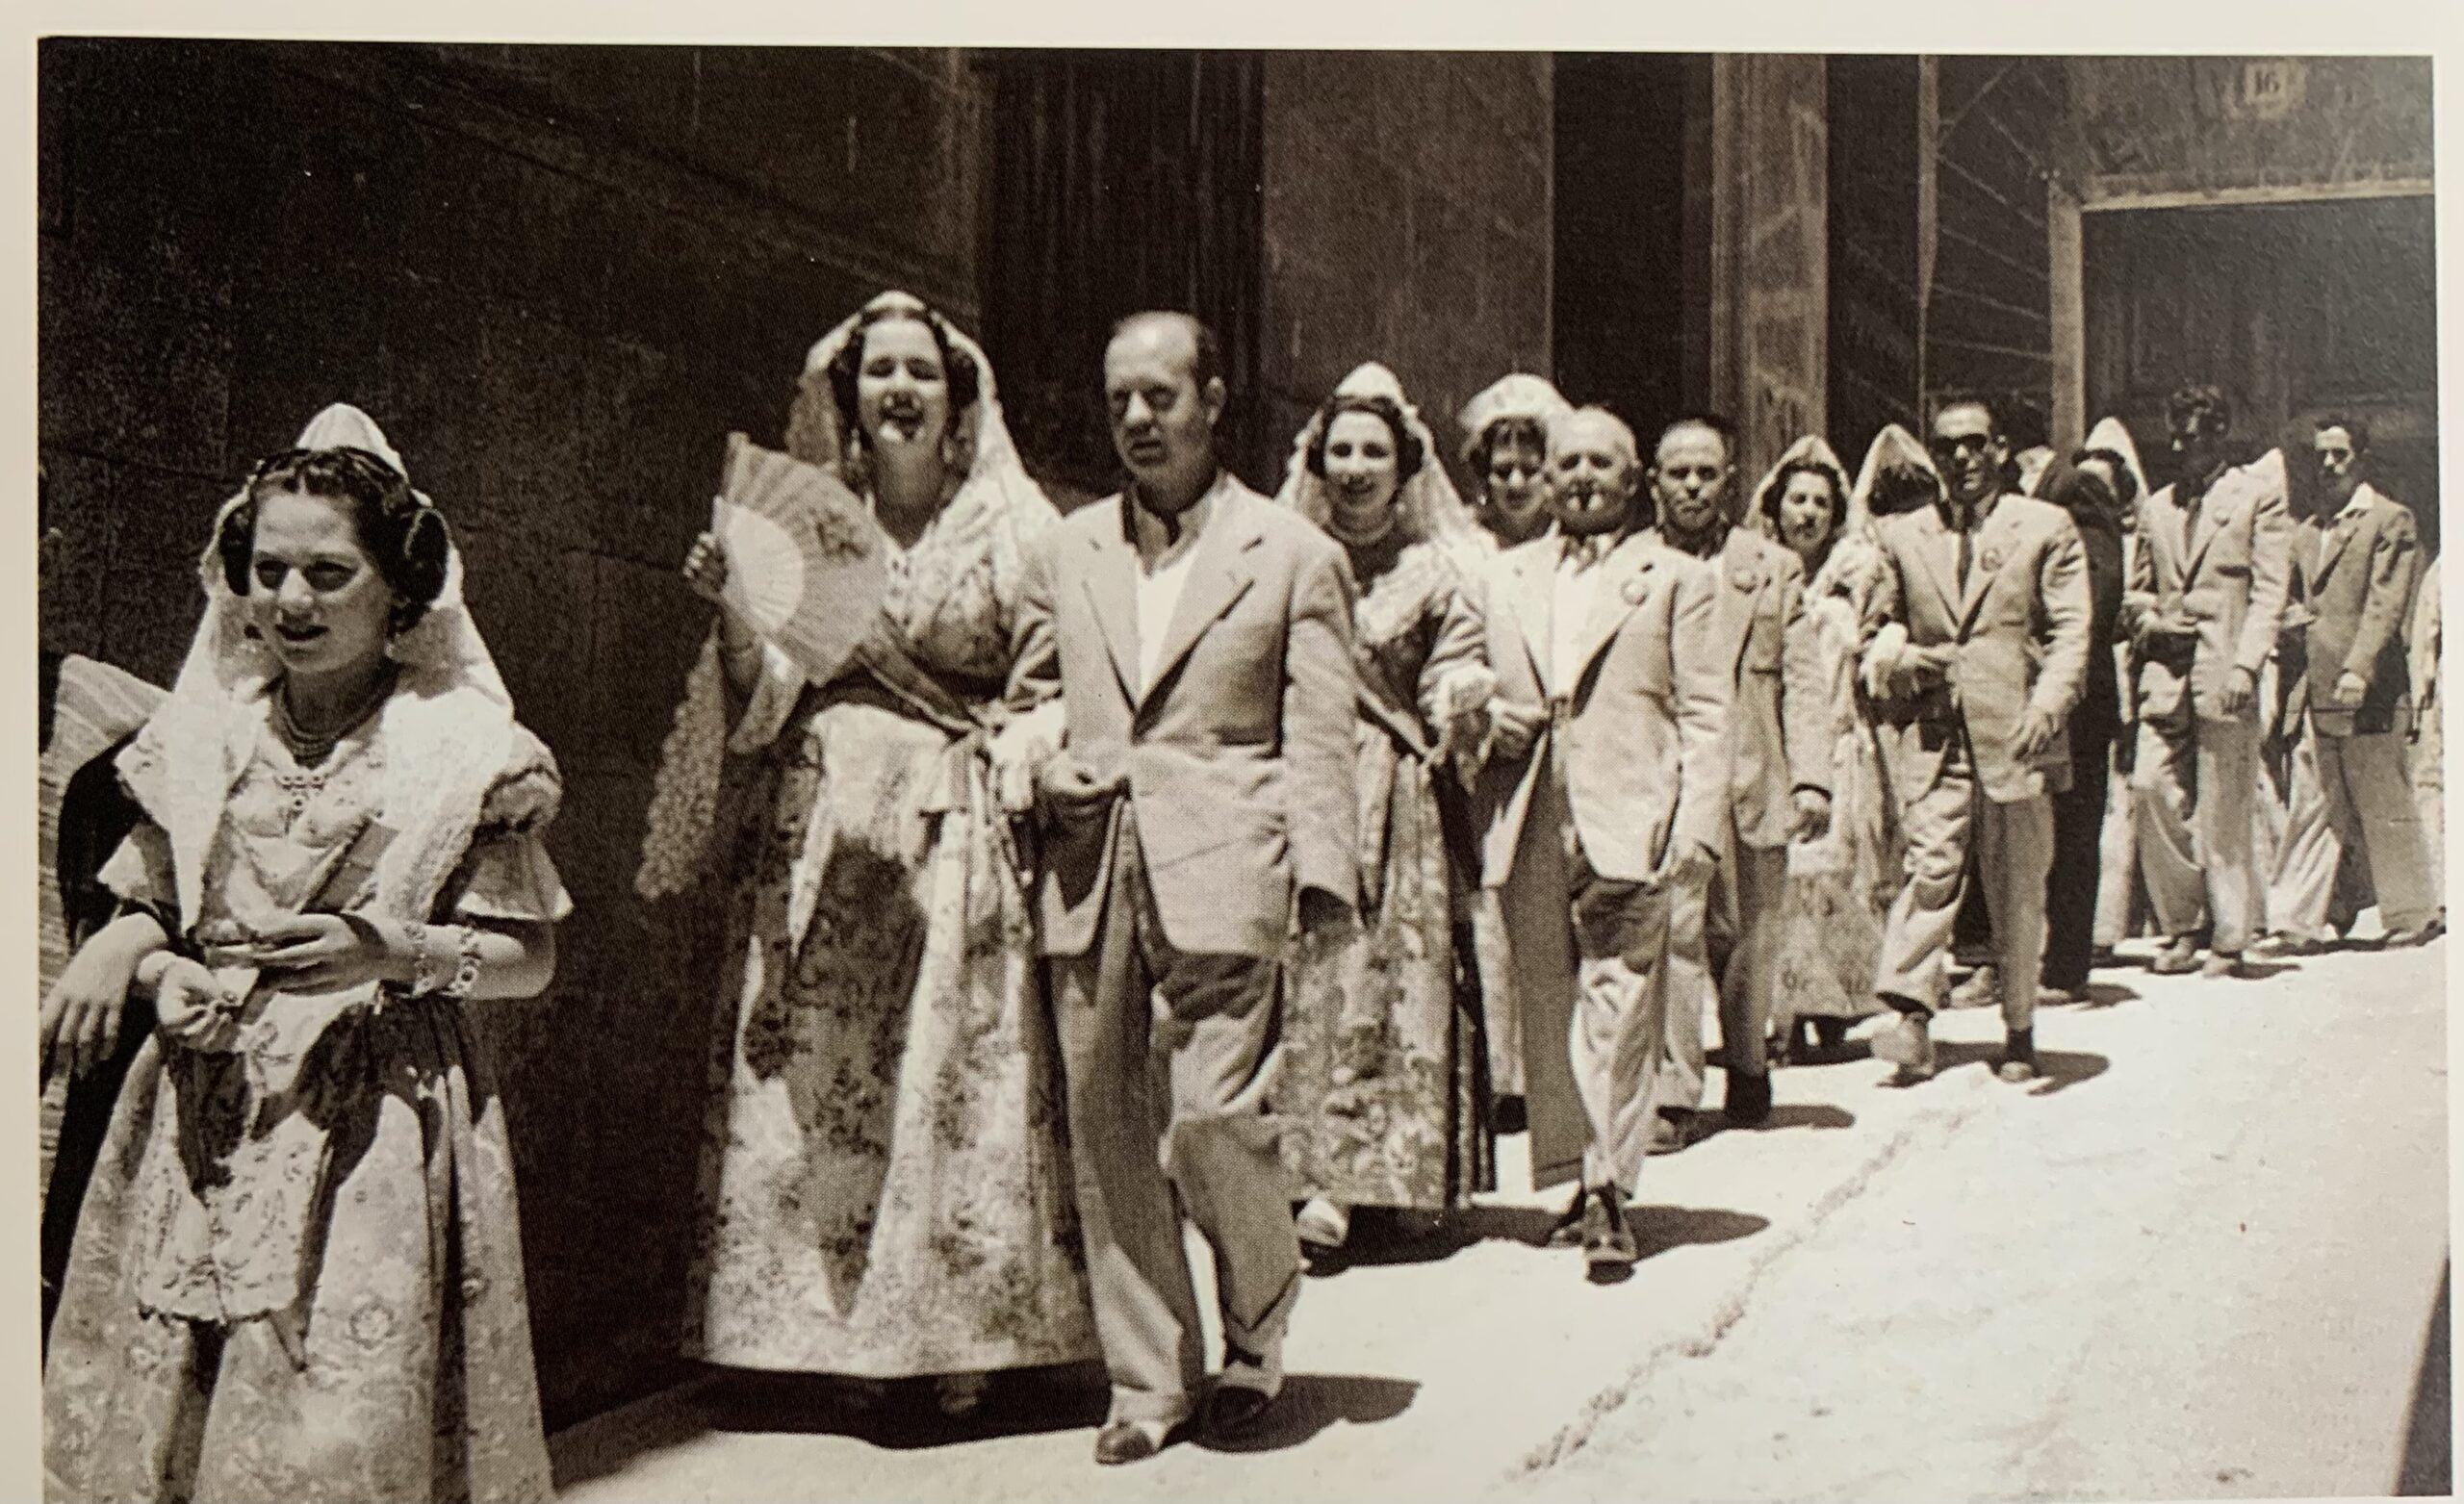 Pasacalle en Les Fogueres de 1951